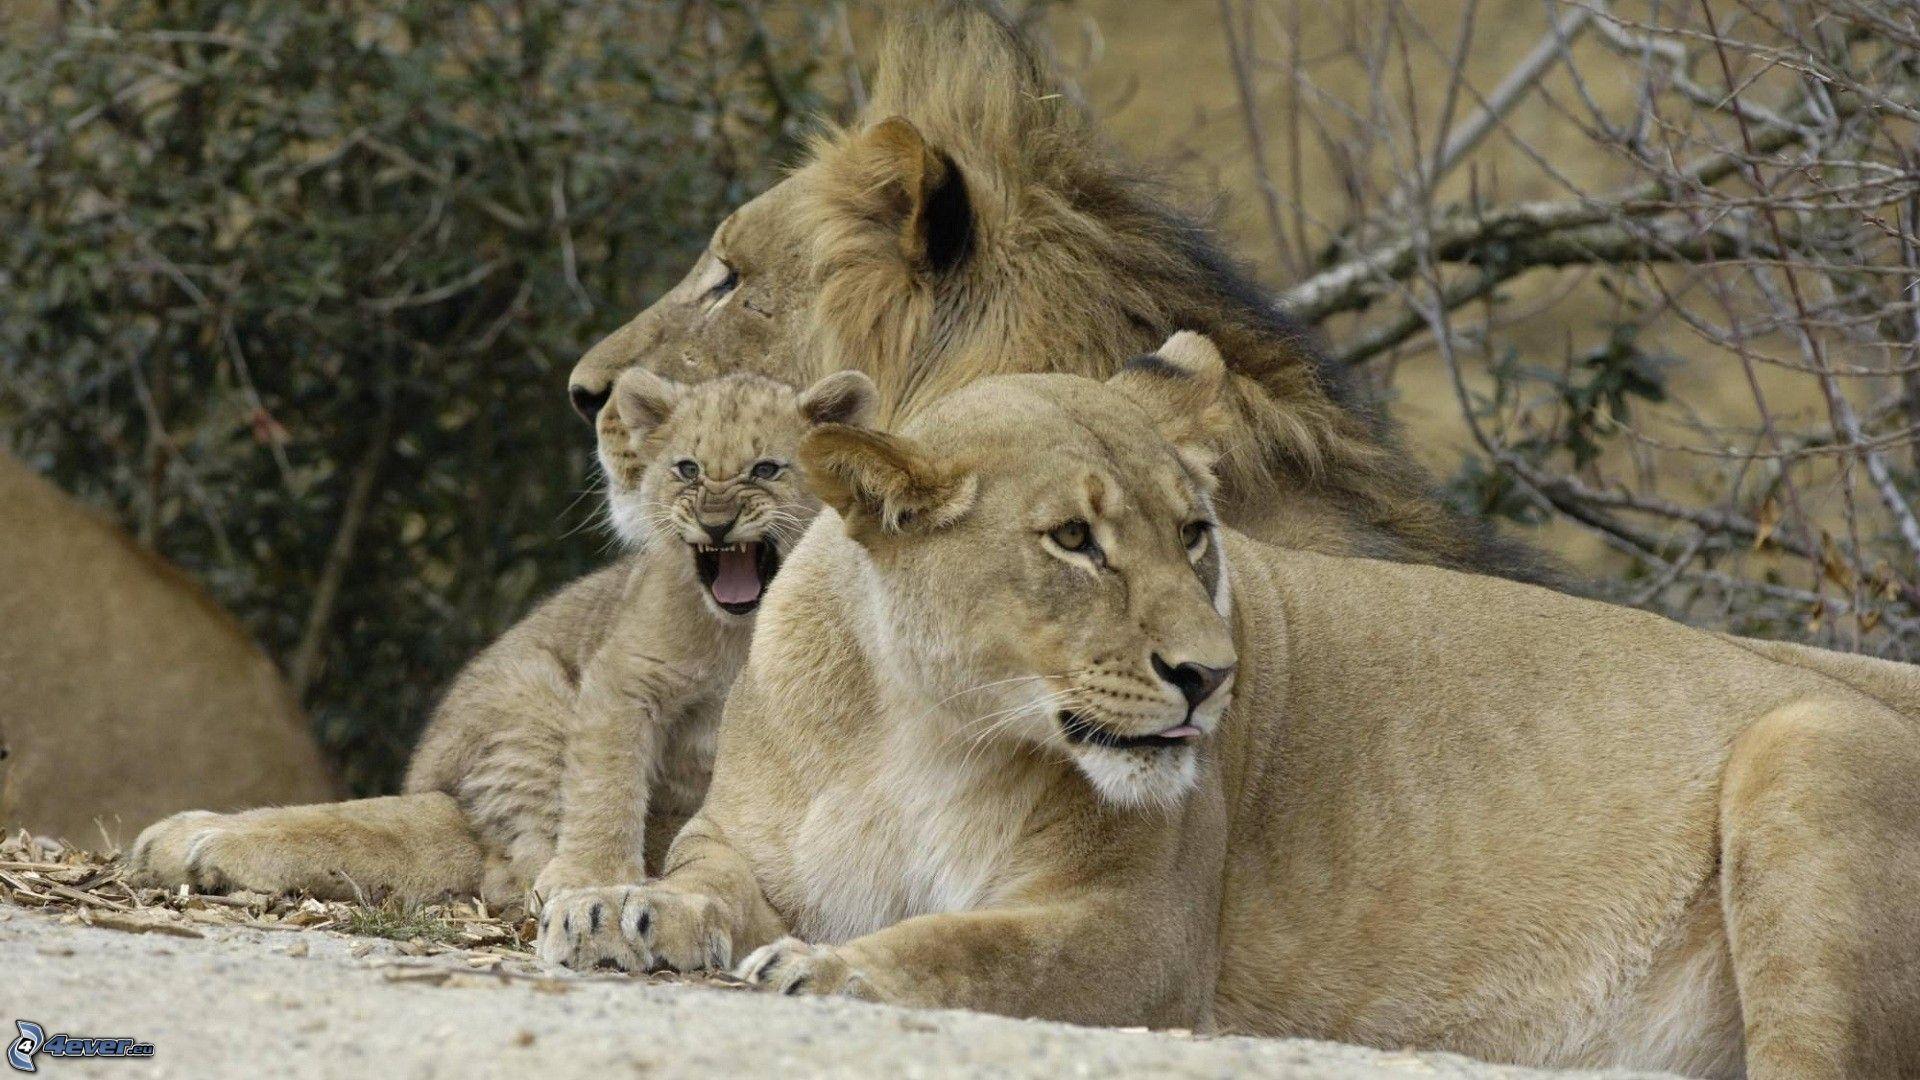 Famiglia dei leoni for Immagini leone hd